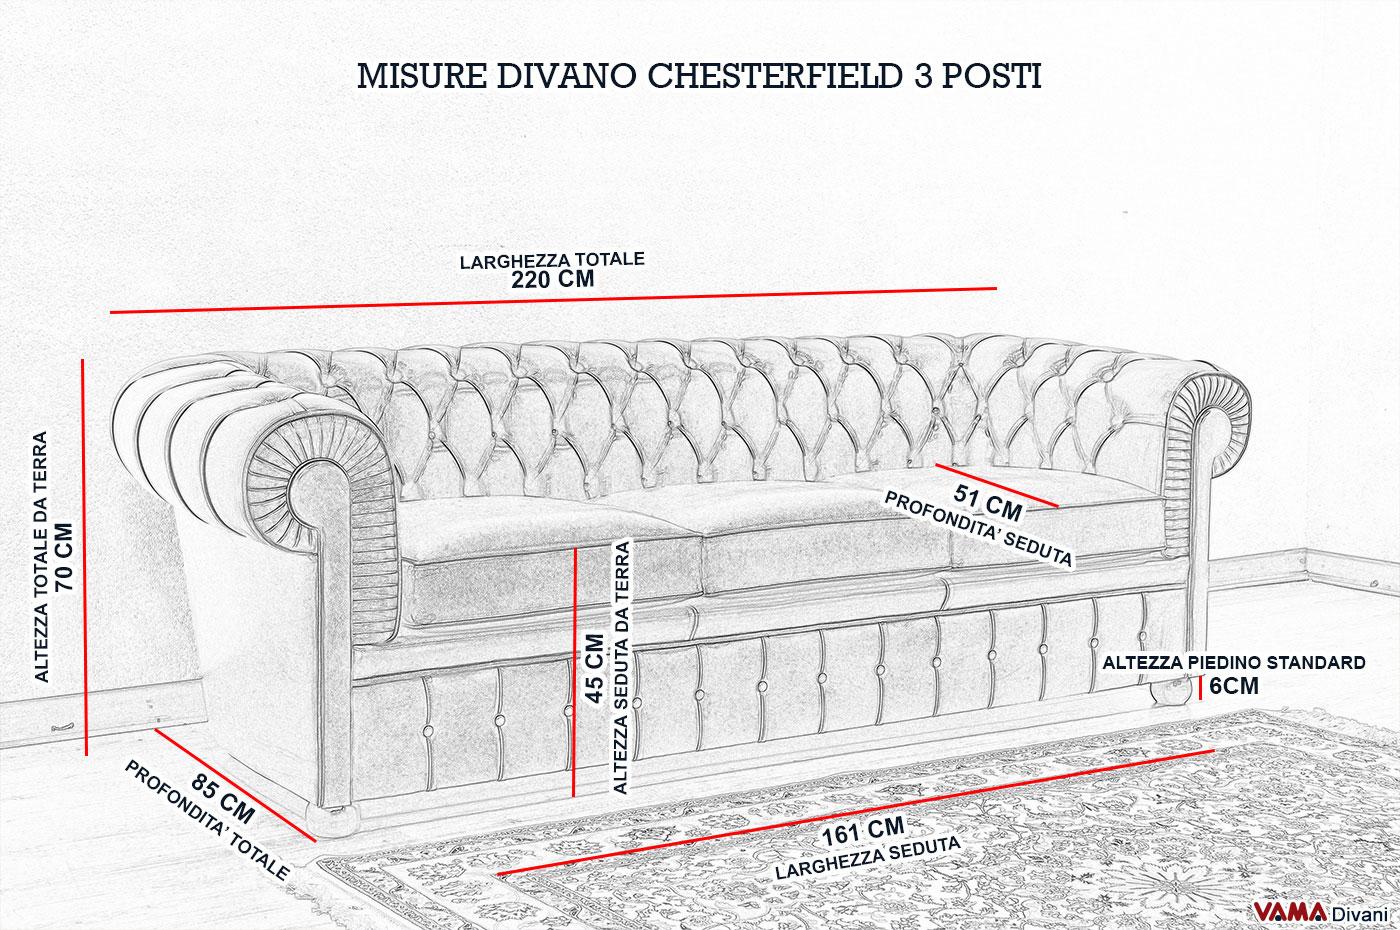 Divano chesterfield 3 posti prezzo e dimensioni - Dimensioni divano 2 posti ...